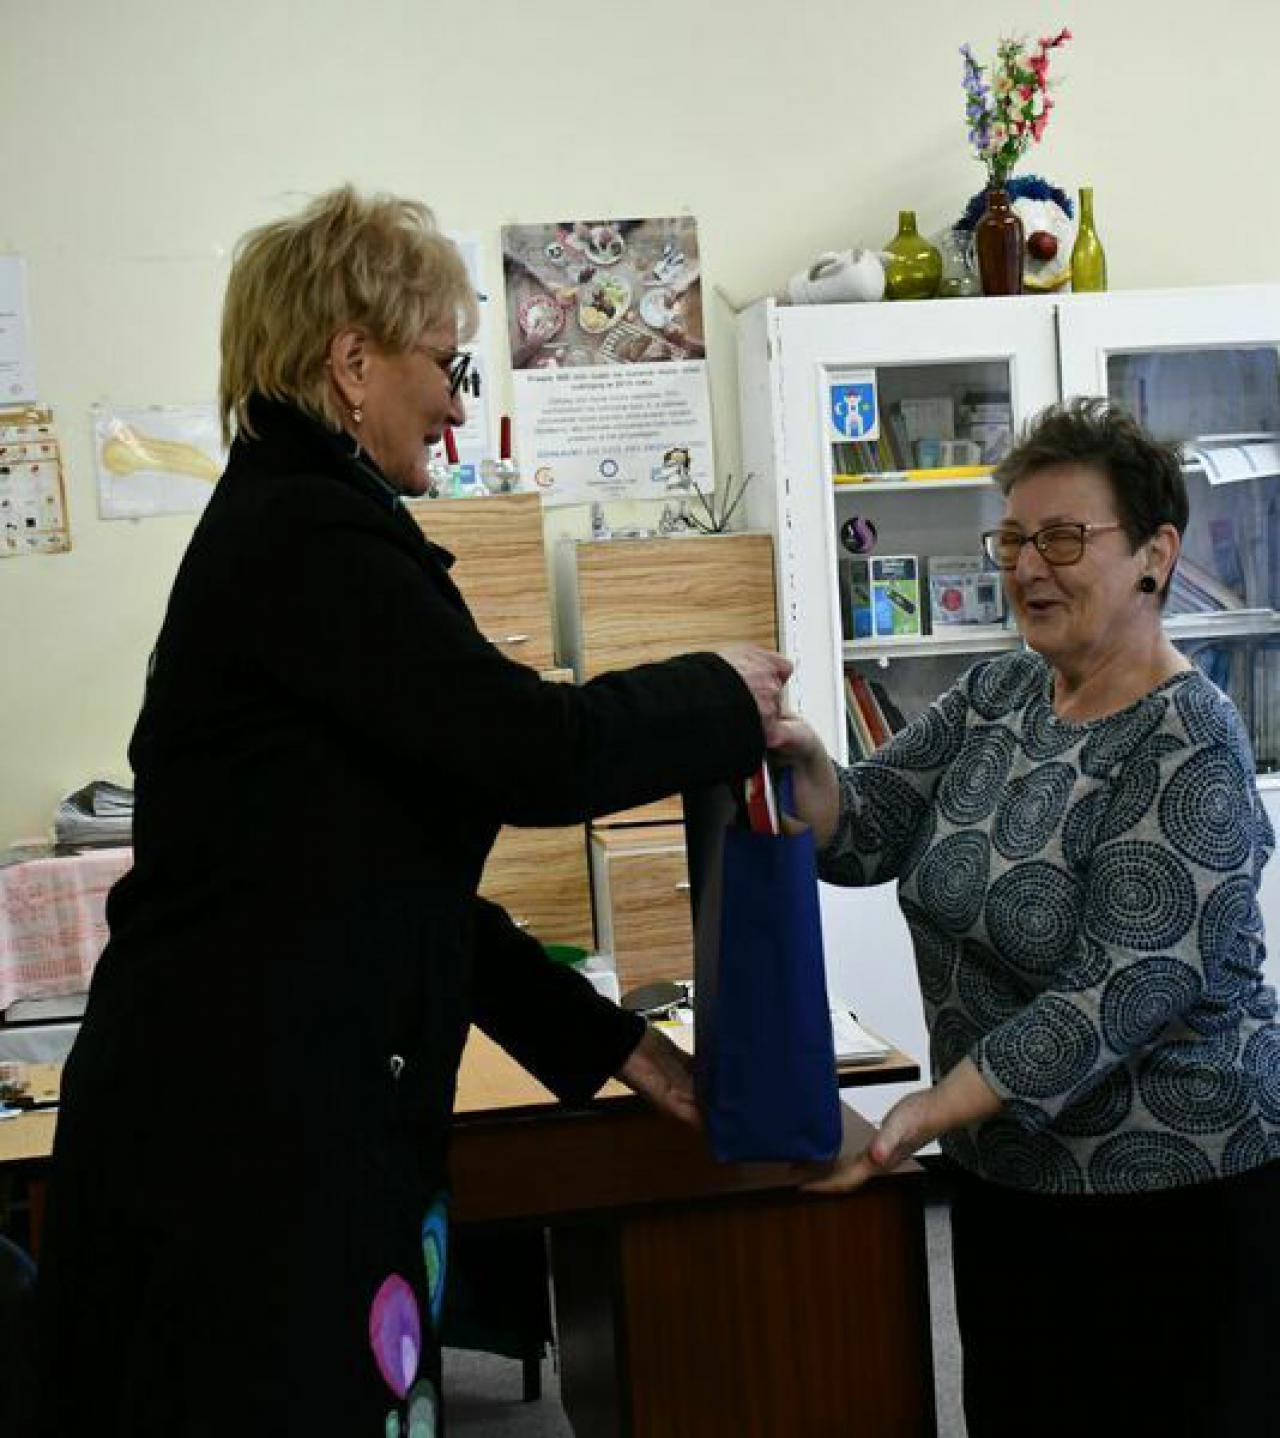 [FOTO] Stowarzyszenie Diabetyków koło Miejskie w Świebodzicach ma swoją salę do ćwiczeń